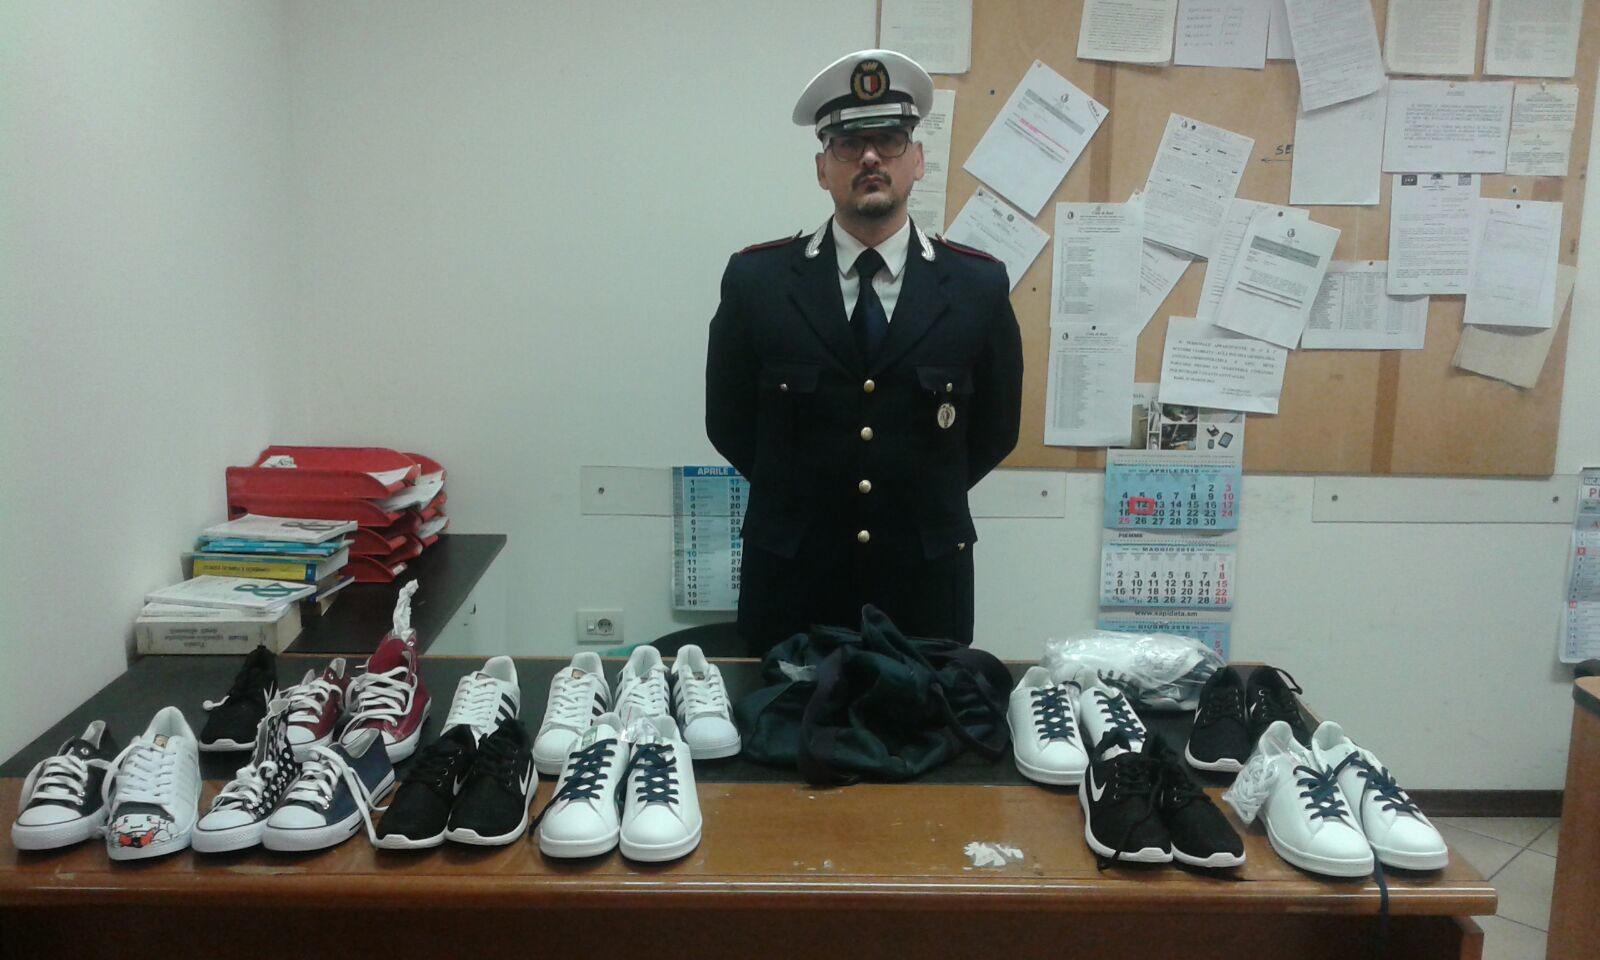 BARI - CONTROLLI E SEQUESTRI DELLA POLIZIA MUNICIPALE PER COMMERCIO ABUSIVO  - Benvenuti su Polizia Locale Bari! c60db502aa5